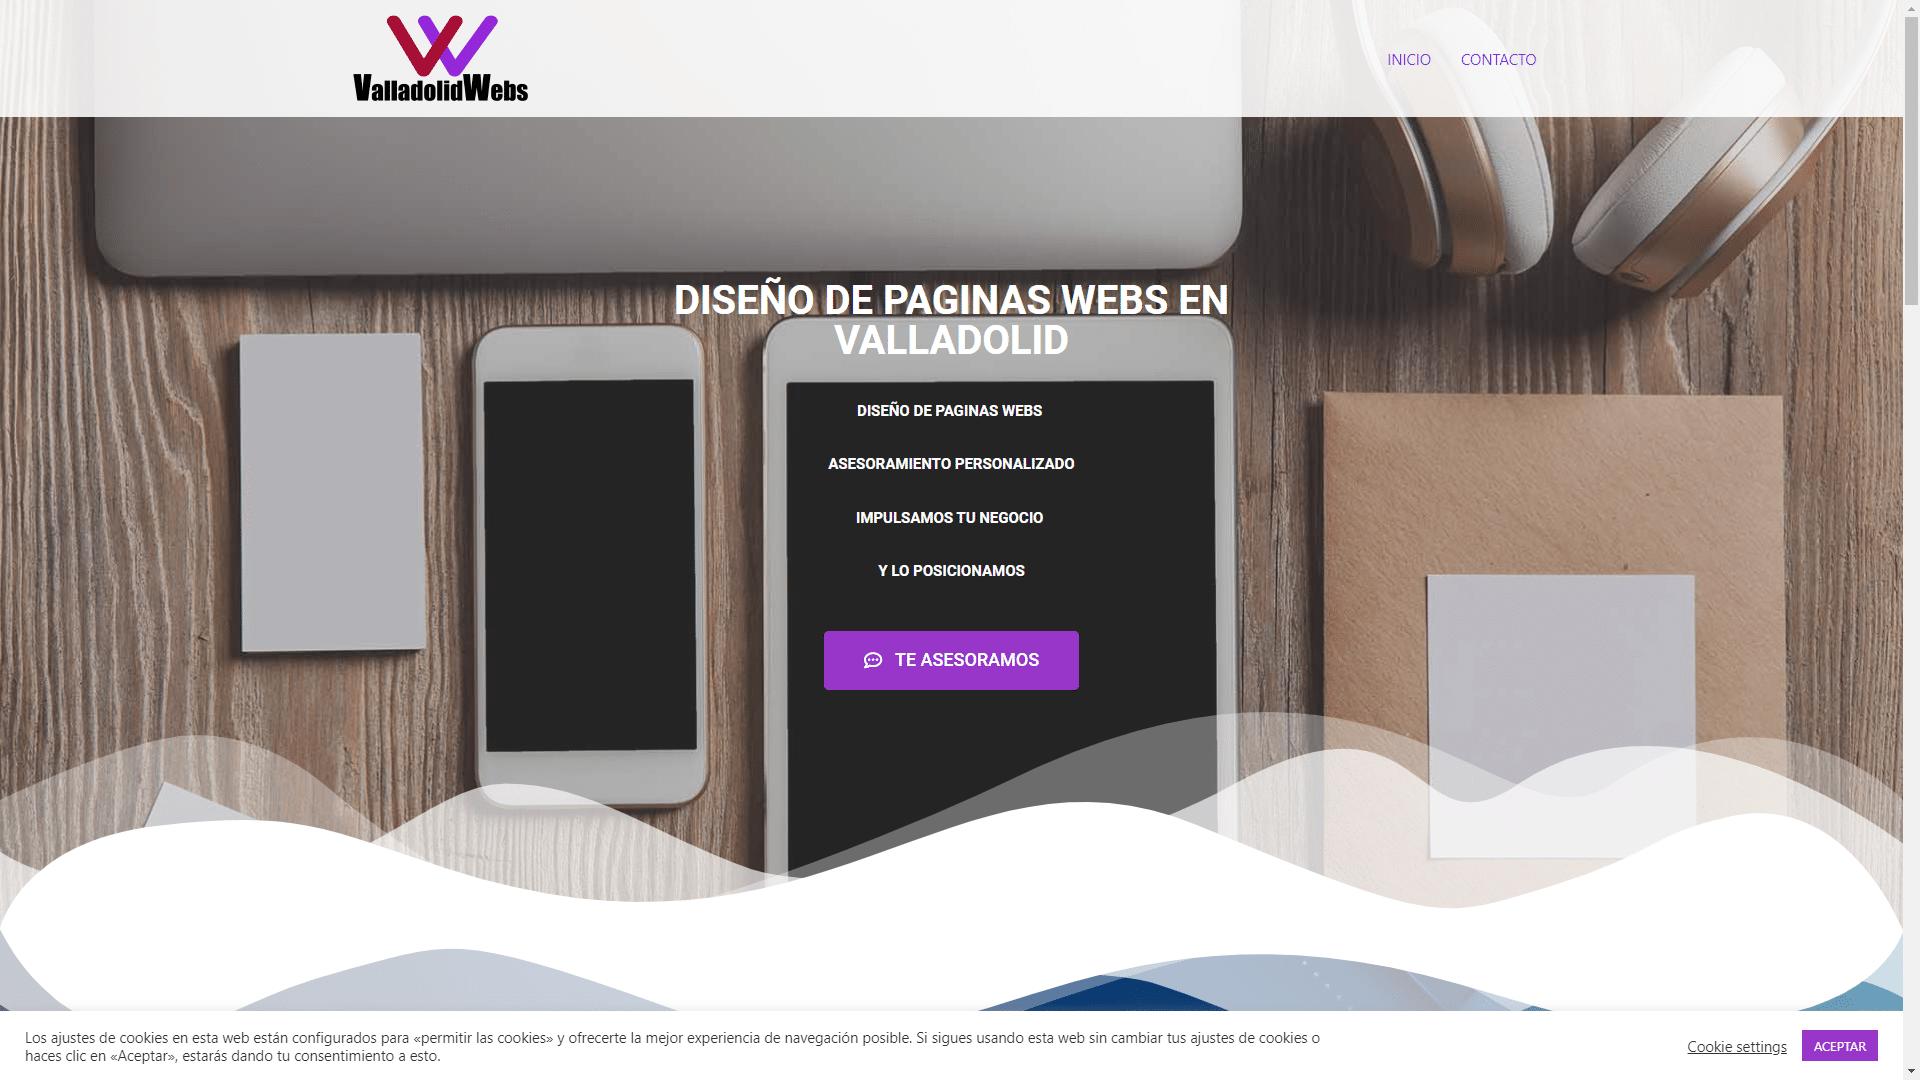 Diseño y Posicionamiento Página Web VALLADOLIDWEBS